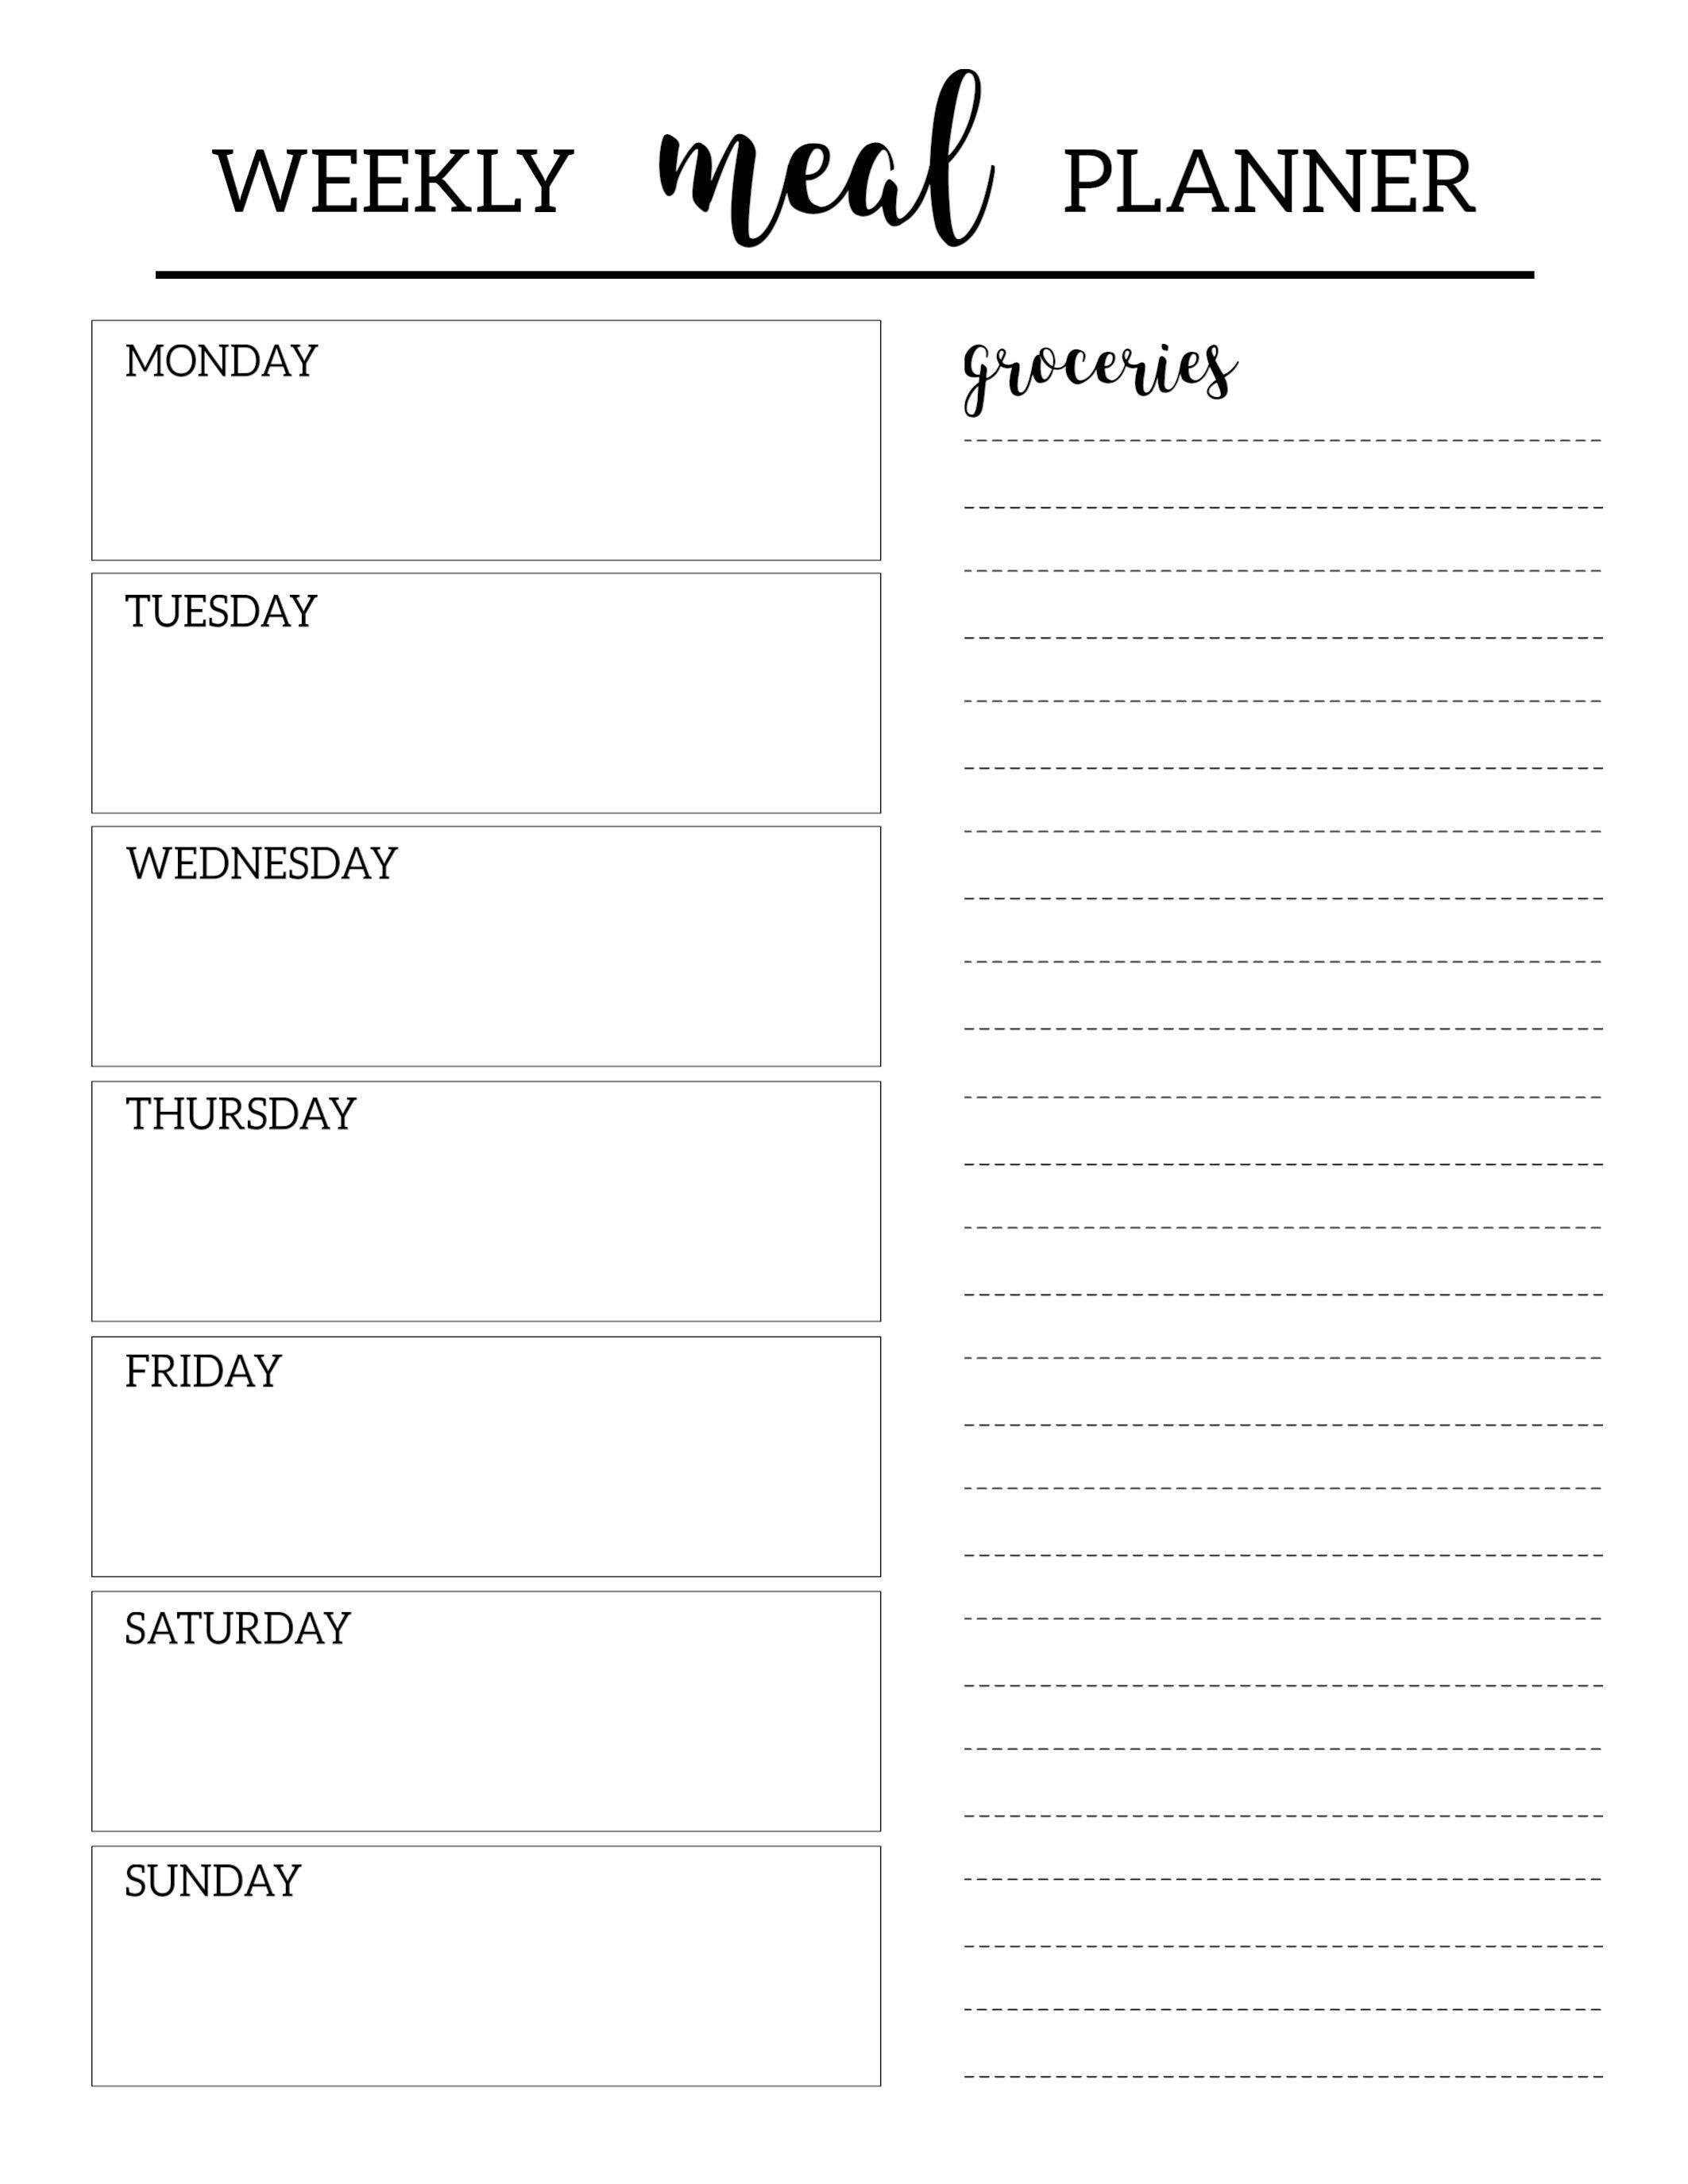 Free Printable Menu Planner Template